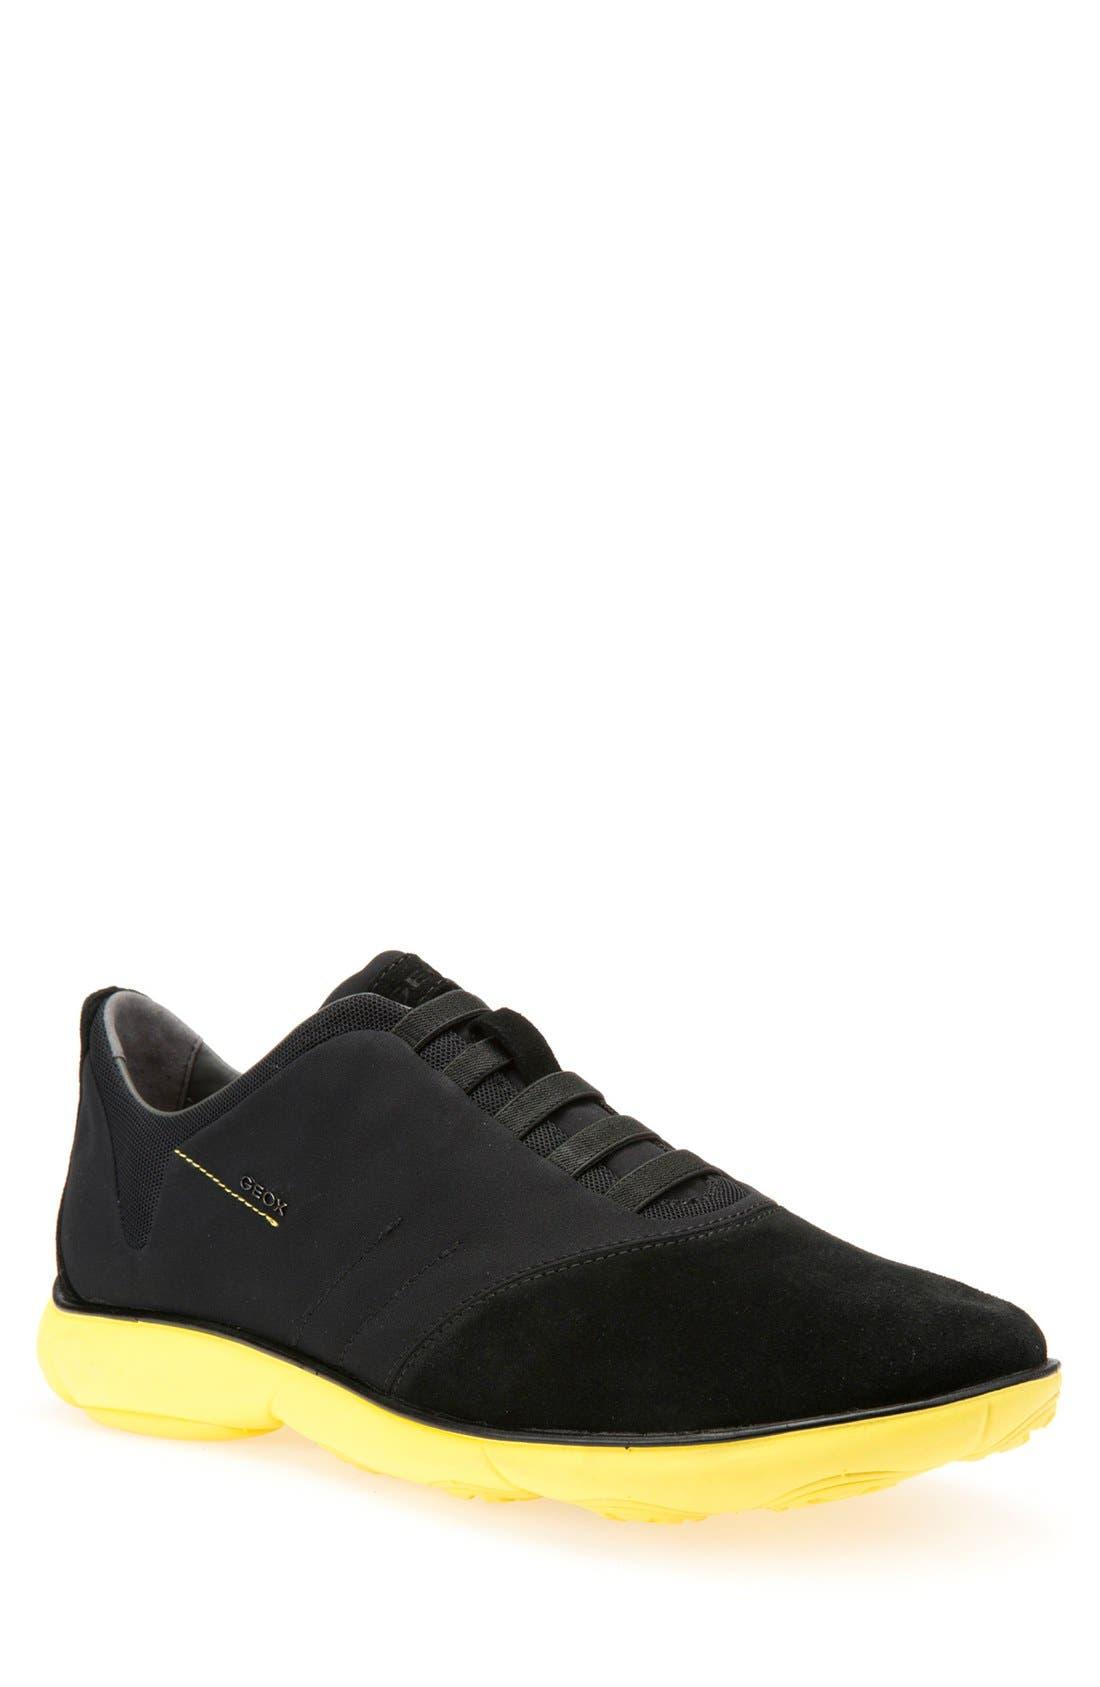 GEOX 'Nebula 24' Slip-On Sneaker